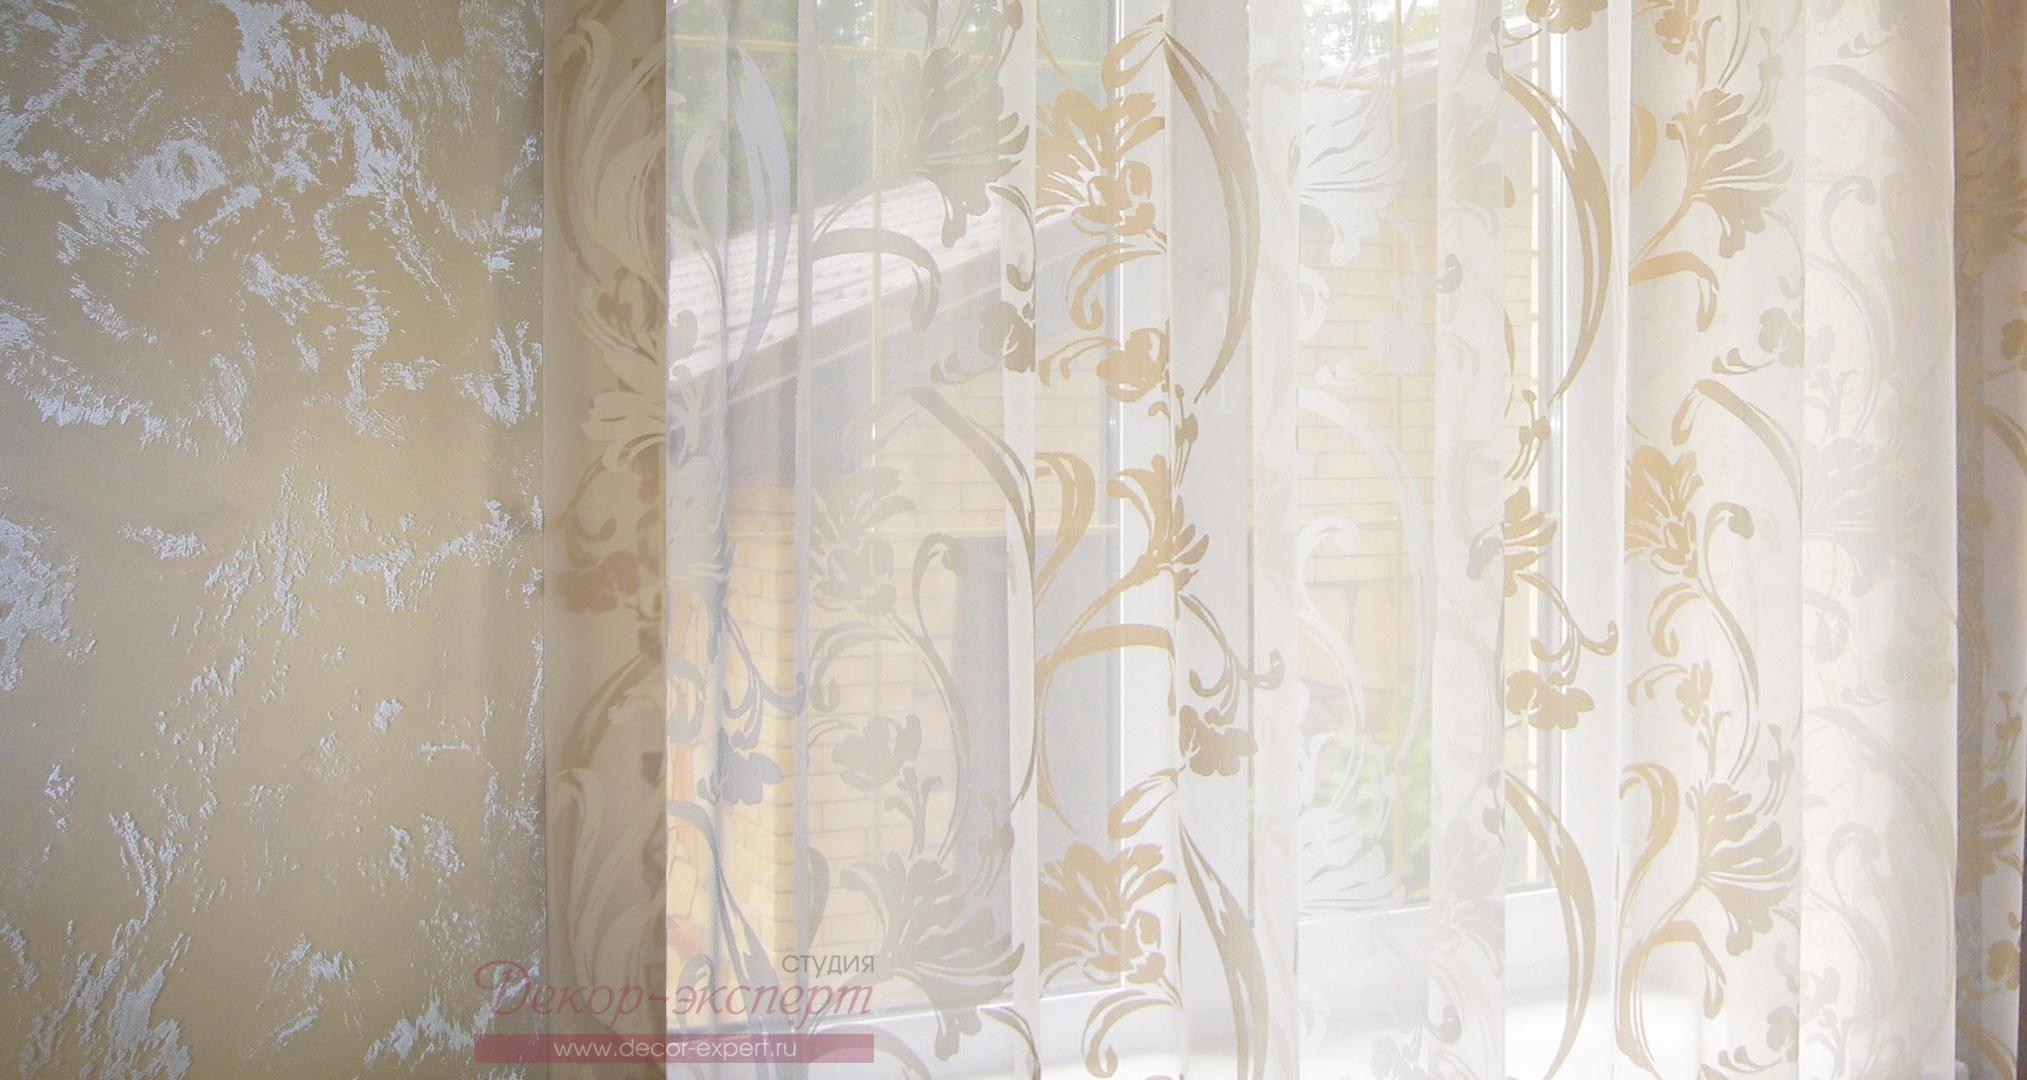 Фото-90. Сочетание декоративной штукатурки на стене и органзы деворе с узором в виде цветов и листьев.